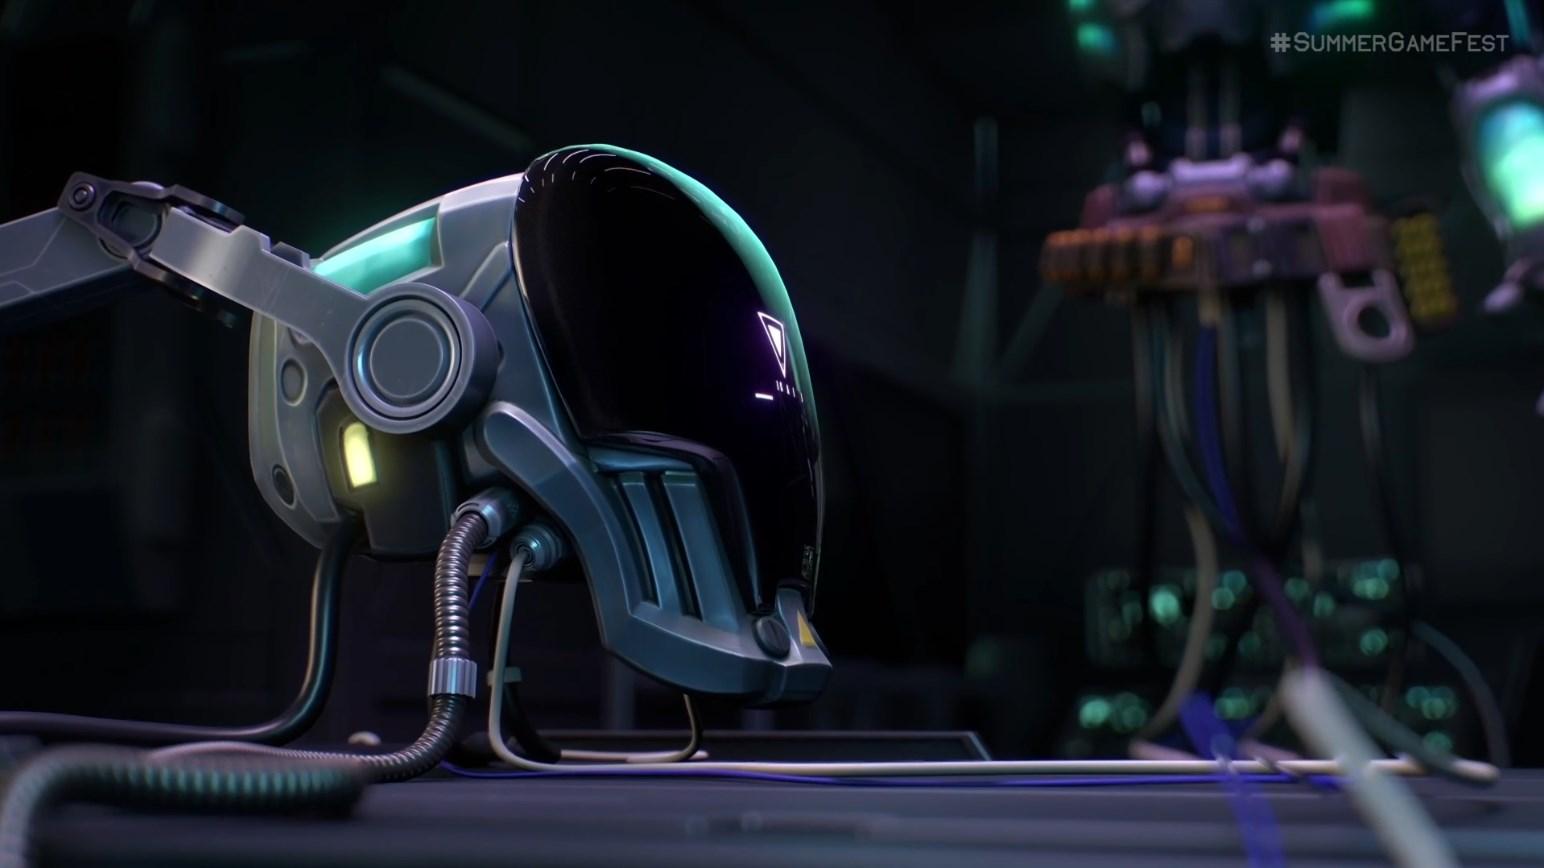 A robotic helmet